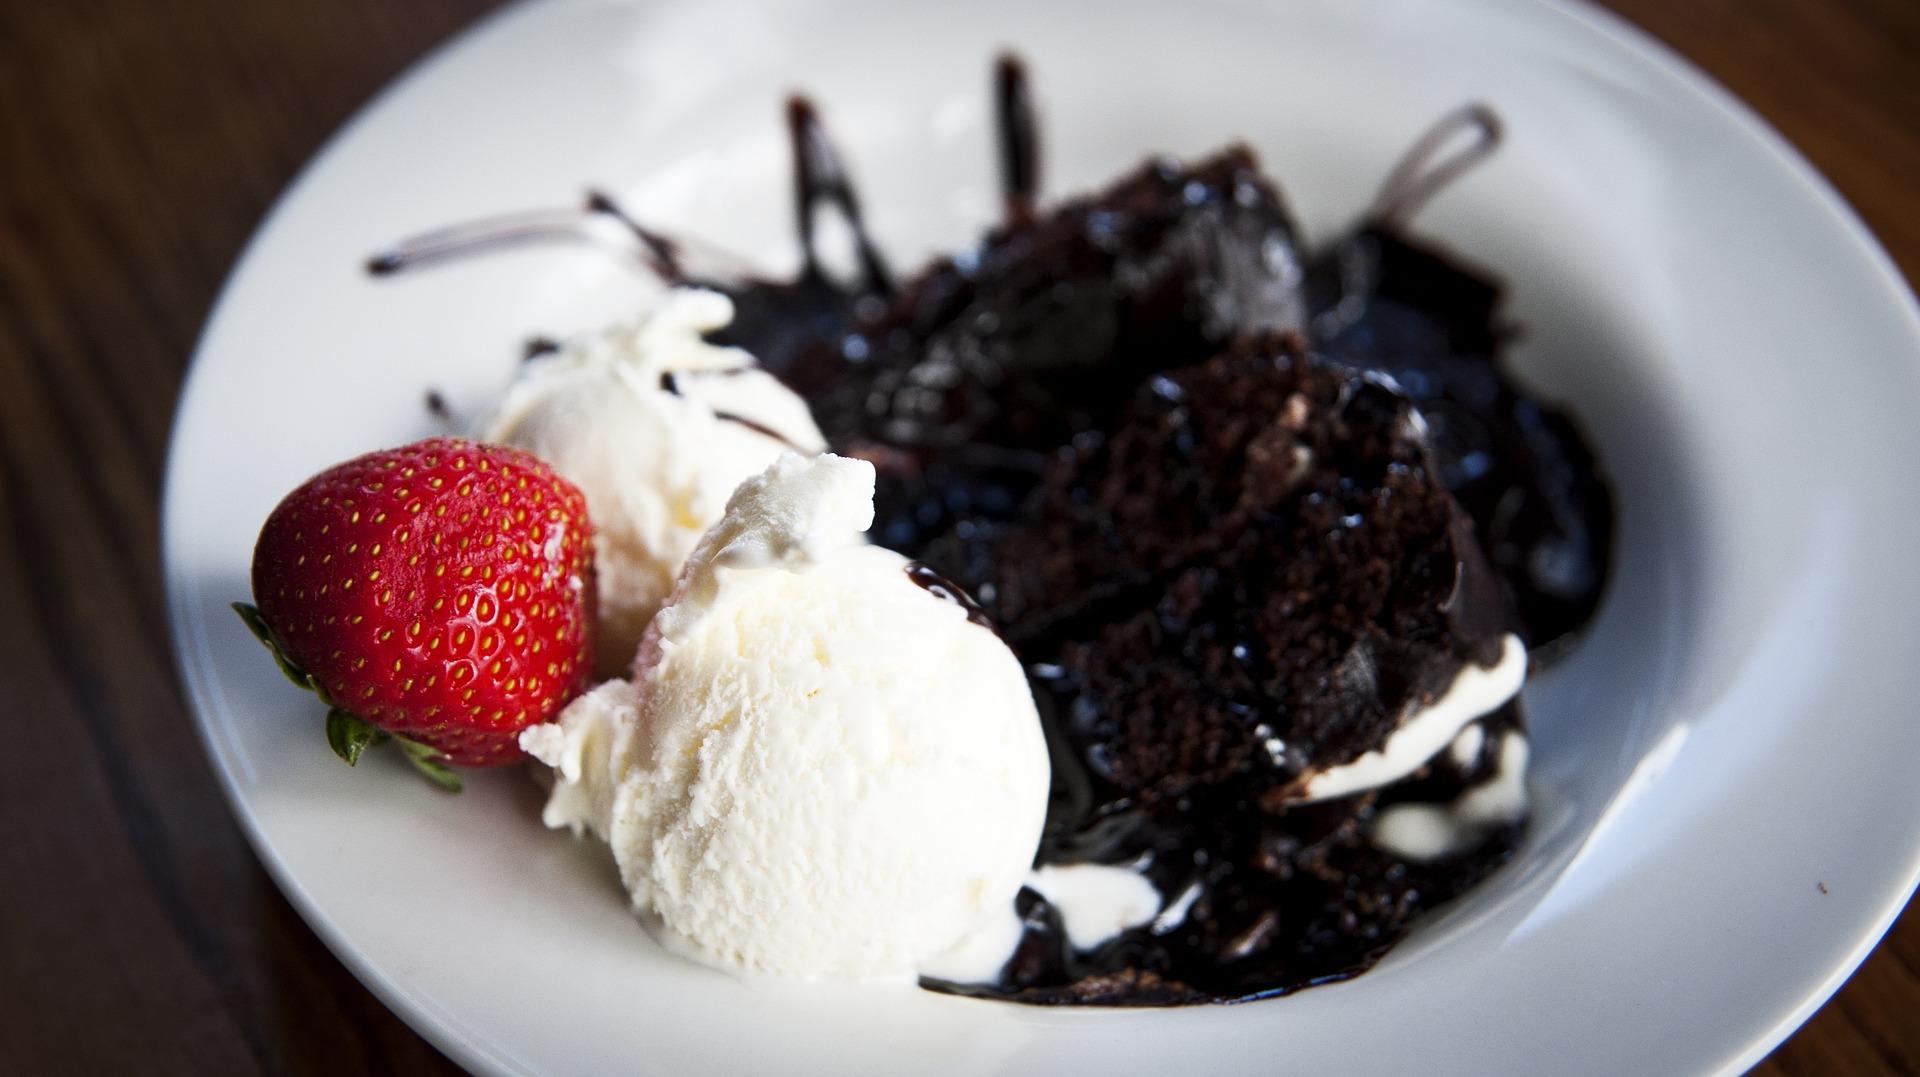 Napravite sami brzo i lako: Ukusan i zdrav sladoled - Zanimljivosti - Ostalo ...